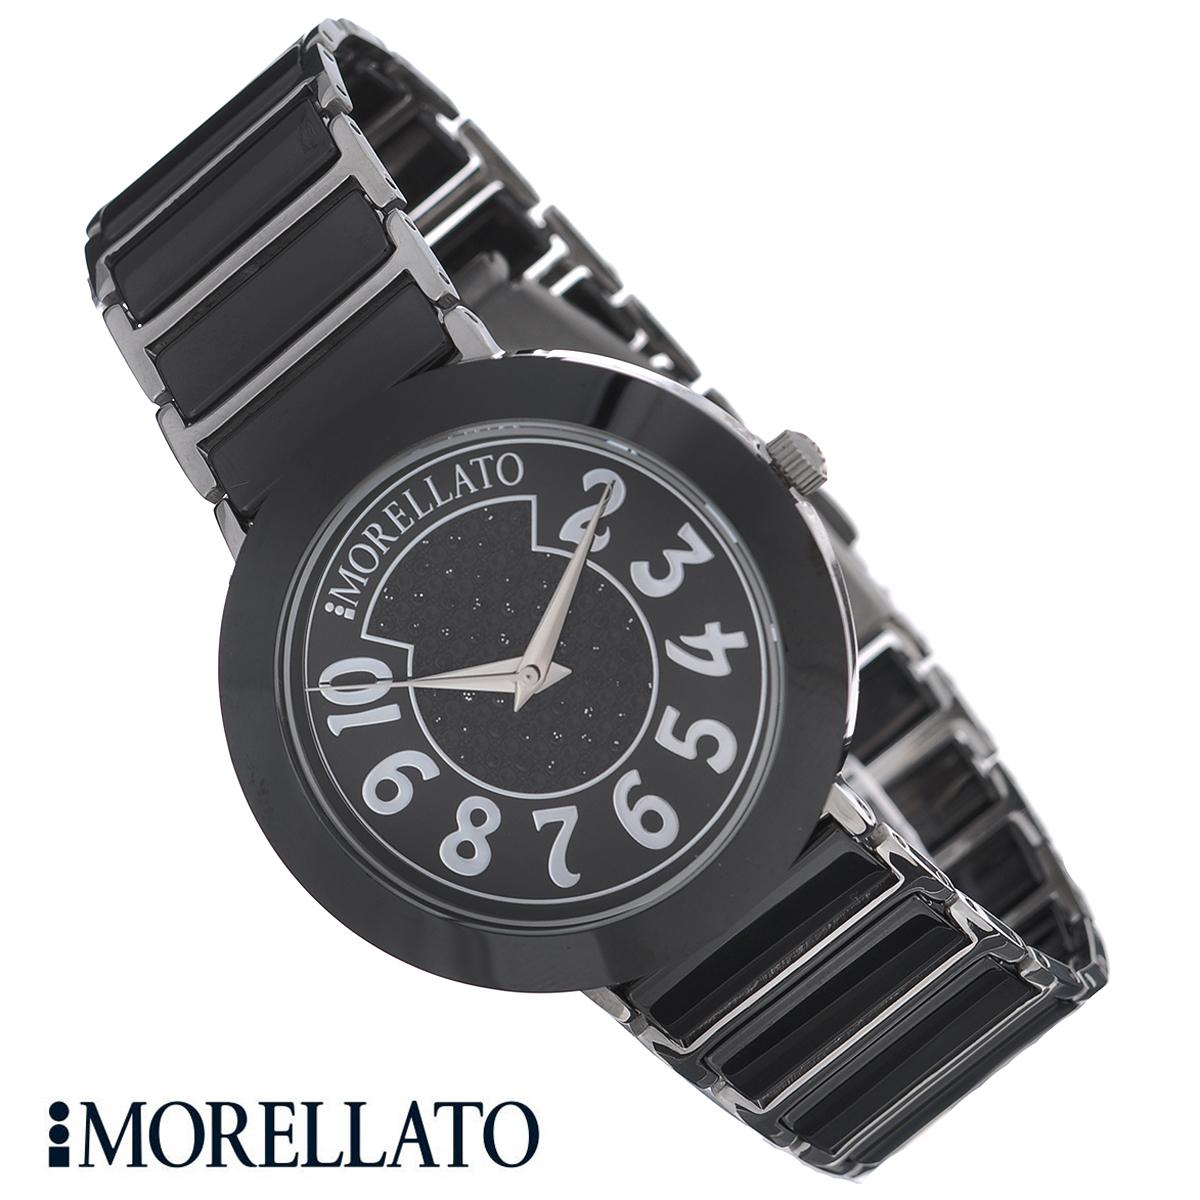 Часы женские наручные Morellato, цвет: черный, серебристый. R0153103504R0153103504Наручные женские часы Morellato оснащены кварцевым механизмом. Корпус выполнен из высококачественной нержавеющей стали и керамики. Циферблат оформлен арабскими цифрами и кристаллами и защищен минеральным стеклом. Часы имеют три стрелки - часовую, минутную и секундную. Браслет часов выполнен из нержавеющей стали и керамики и оснащен раскладывающейся застежкой-клипсой. Часы укомплектованы паспортом с подробной инструкцией. Часы Morellato отличаются уникальным, но в то же время простым и лаконичным стилем. Характеристики: Диаметр циферблата: 3 см. Размер корпуса: 3,8 см х 3,8 см х 1,1 см. Длина браслета (с корпусом): 24,5 см. Ширина браслета: 2 см.